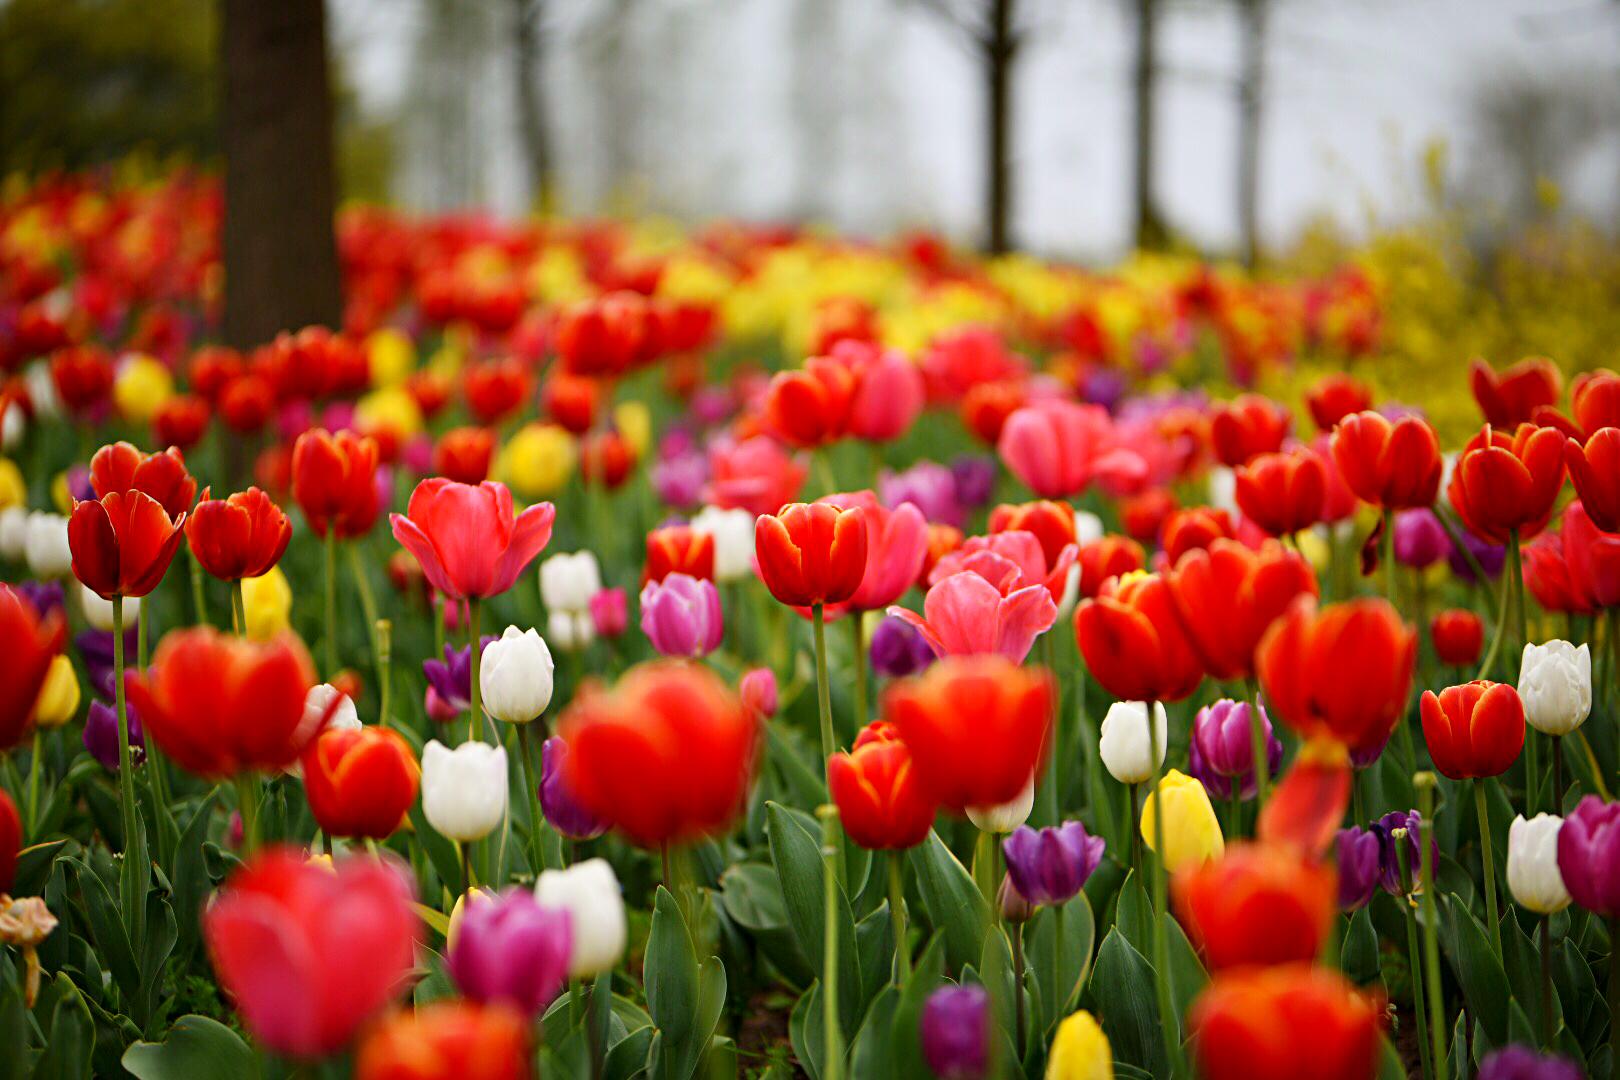 春天赞美的诗句